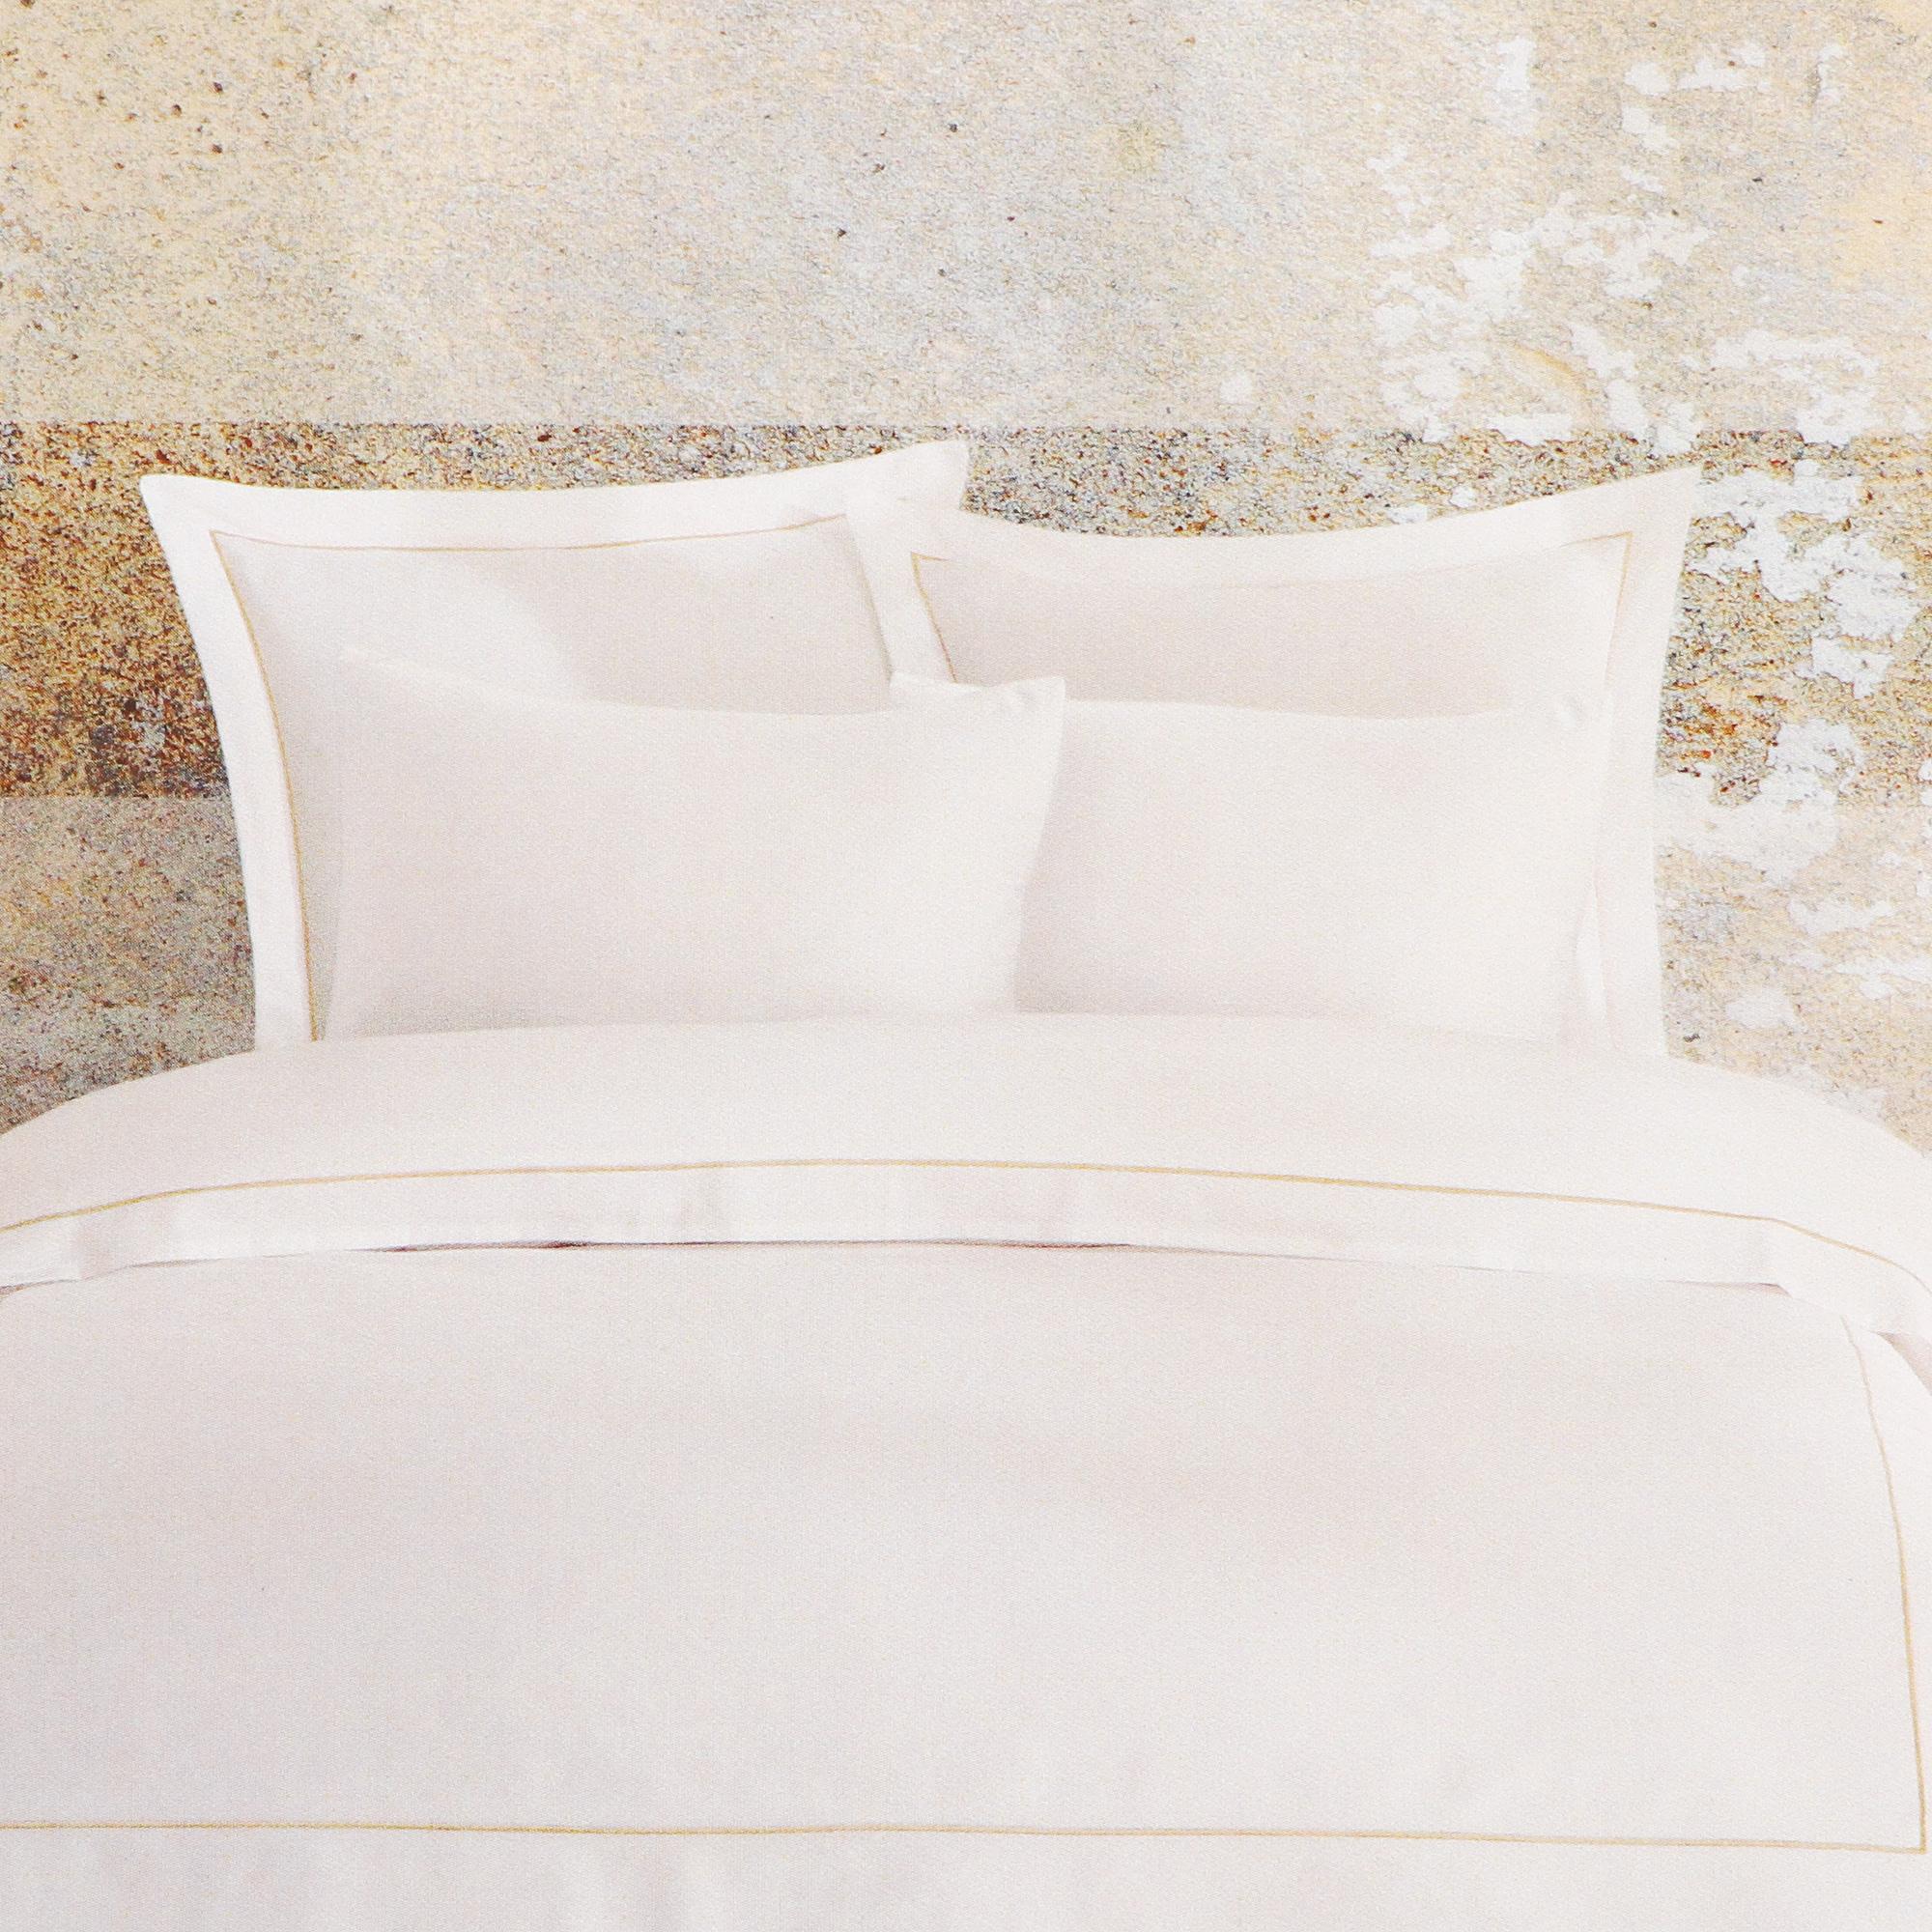 Постельный комплект Bella casa 1.5сп white / beige stripes